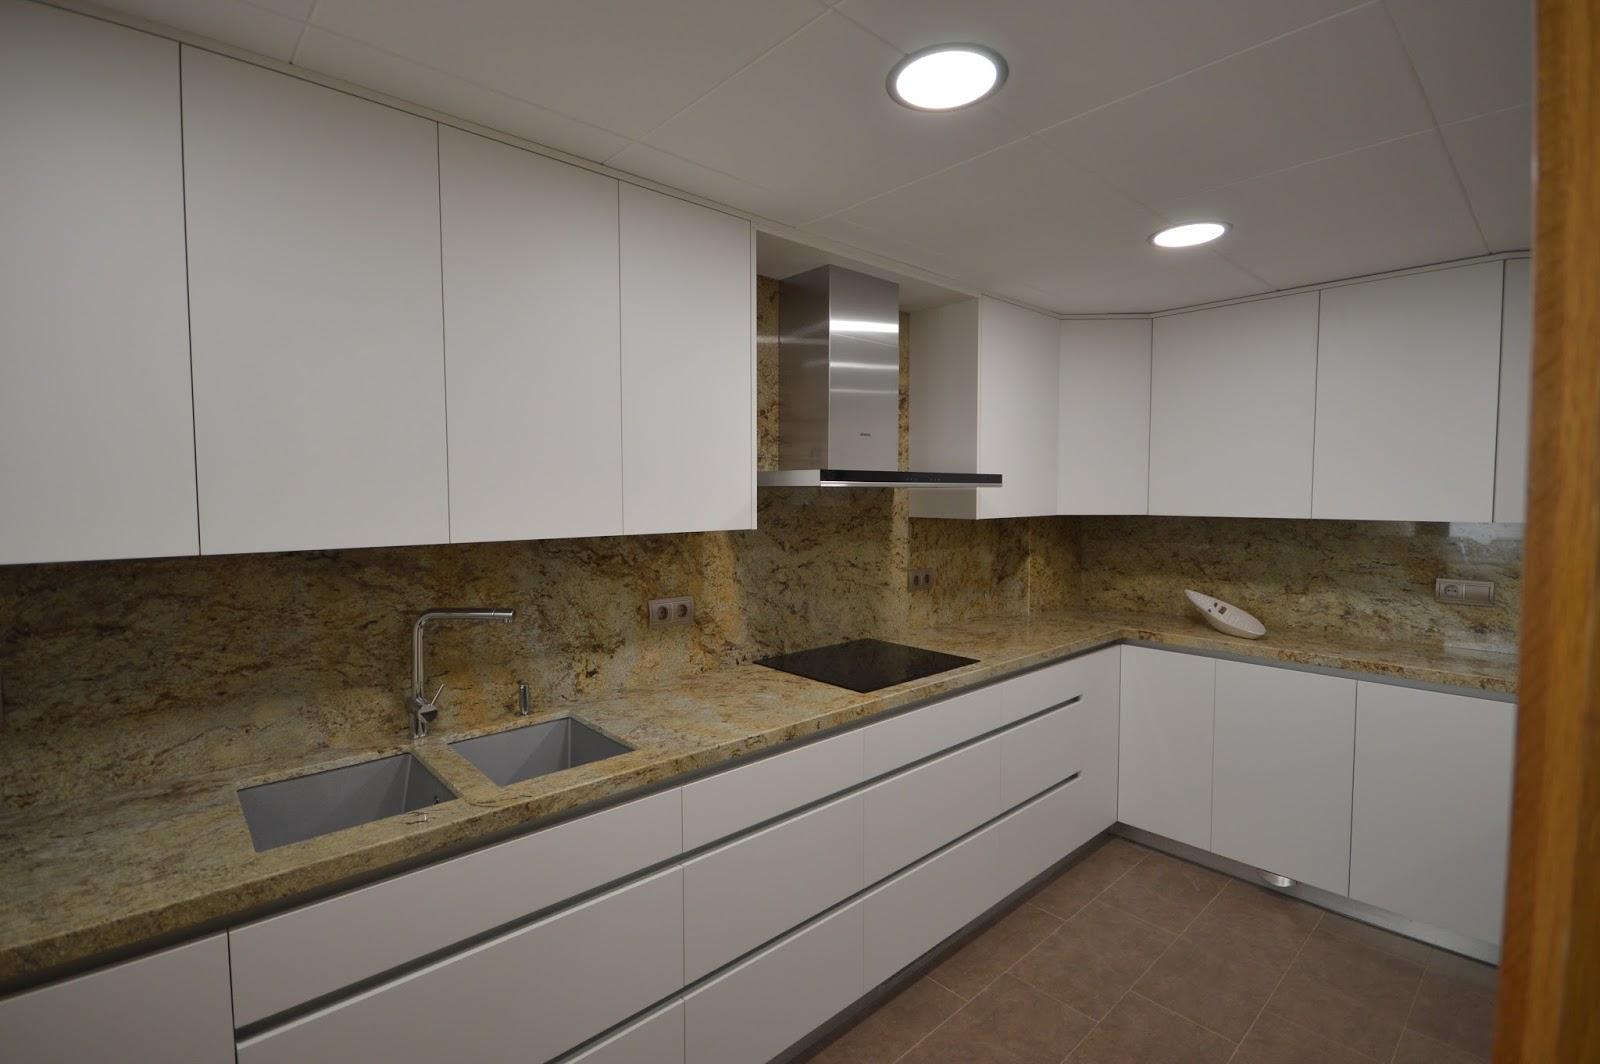 reuscuina muebles de cocina blanco mate sin tiradores